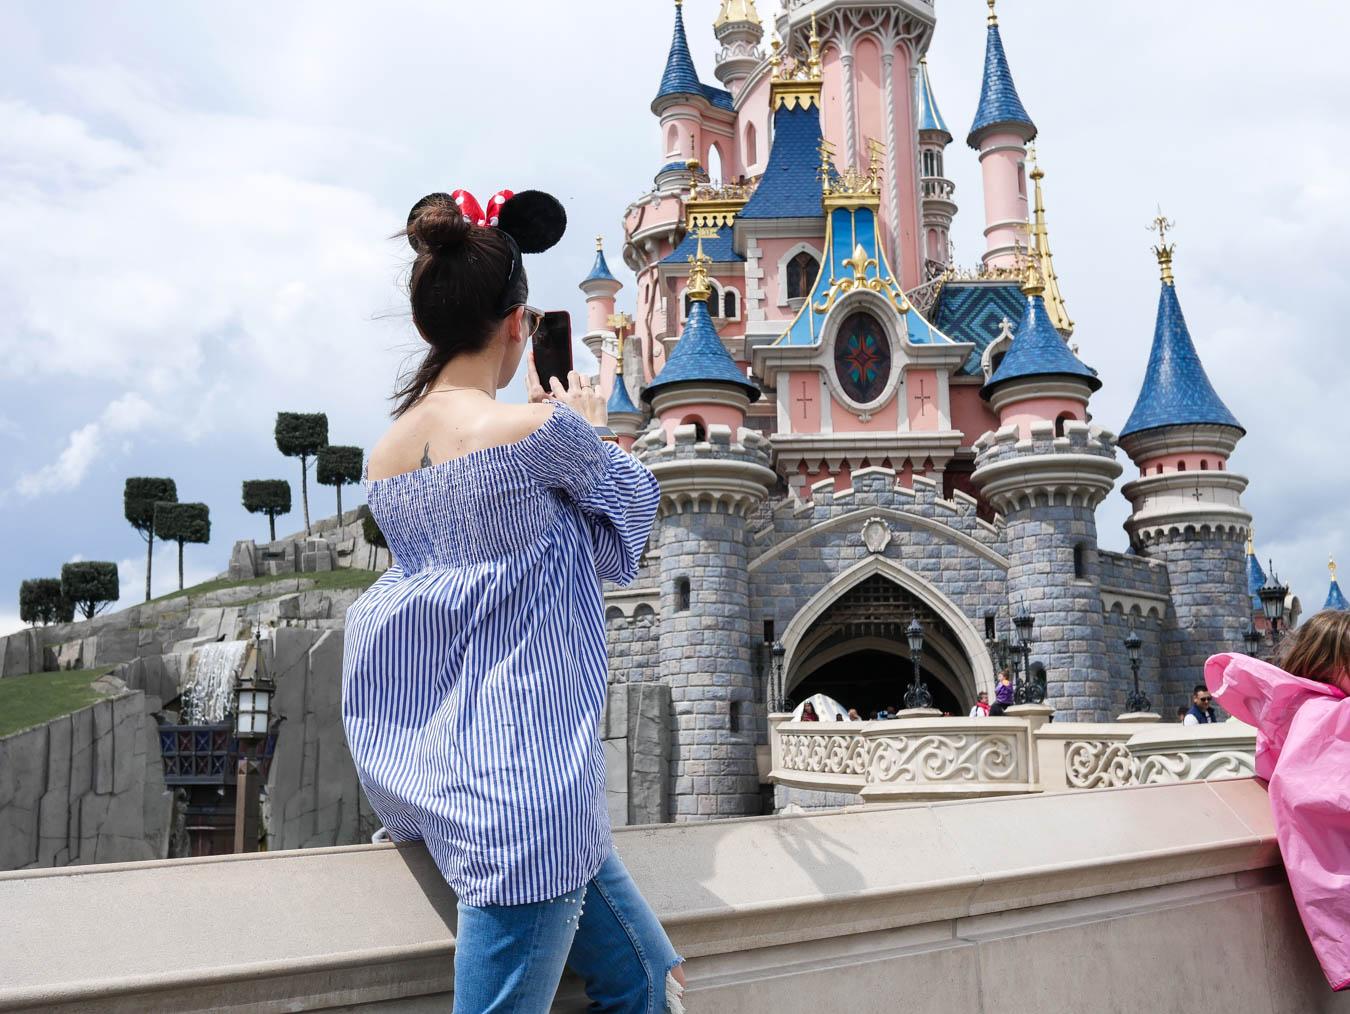 Travel Tipps Fur Ein Kurztrip Nach Paris Und Ins Disneyland Paris